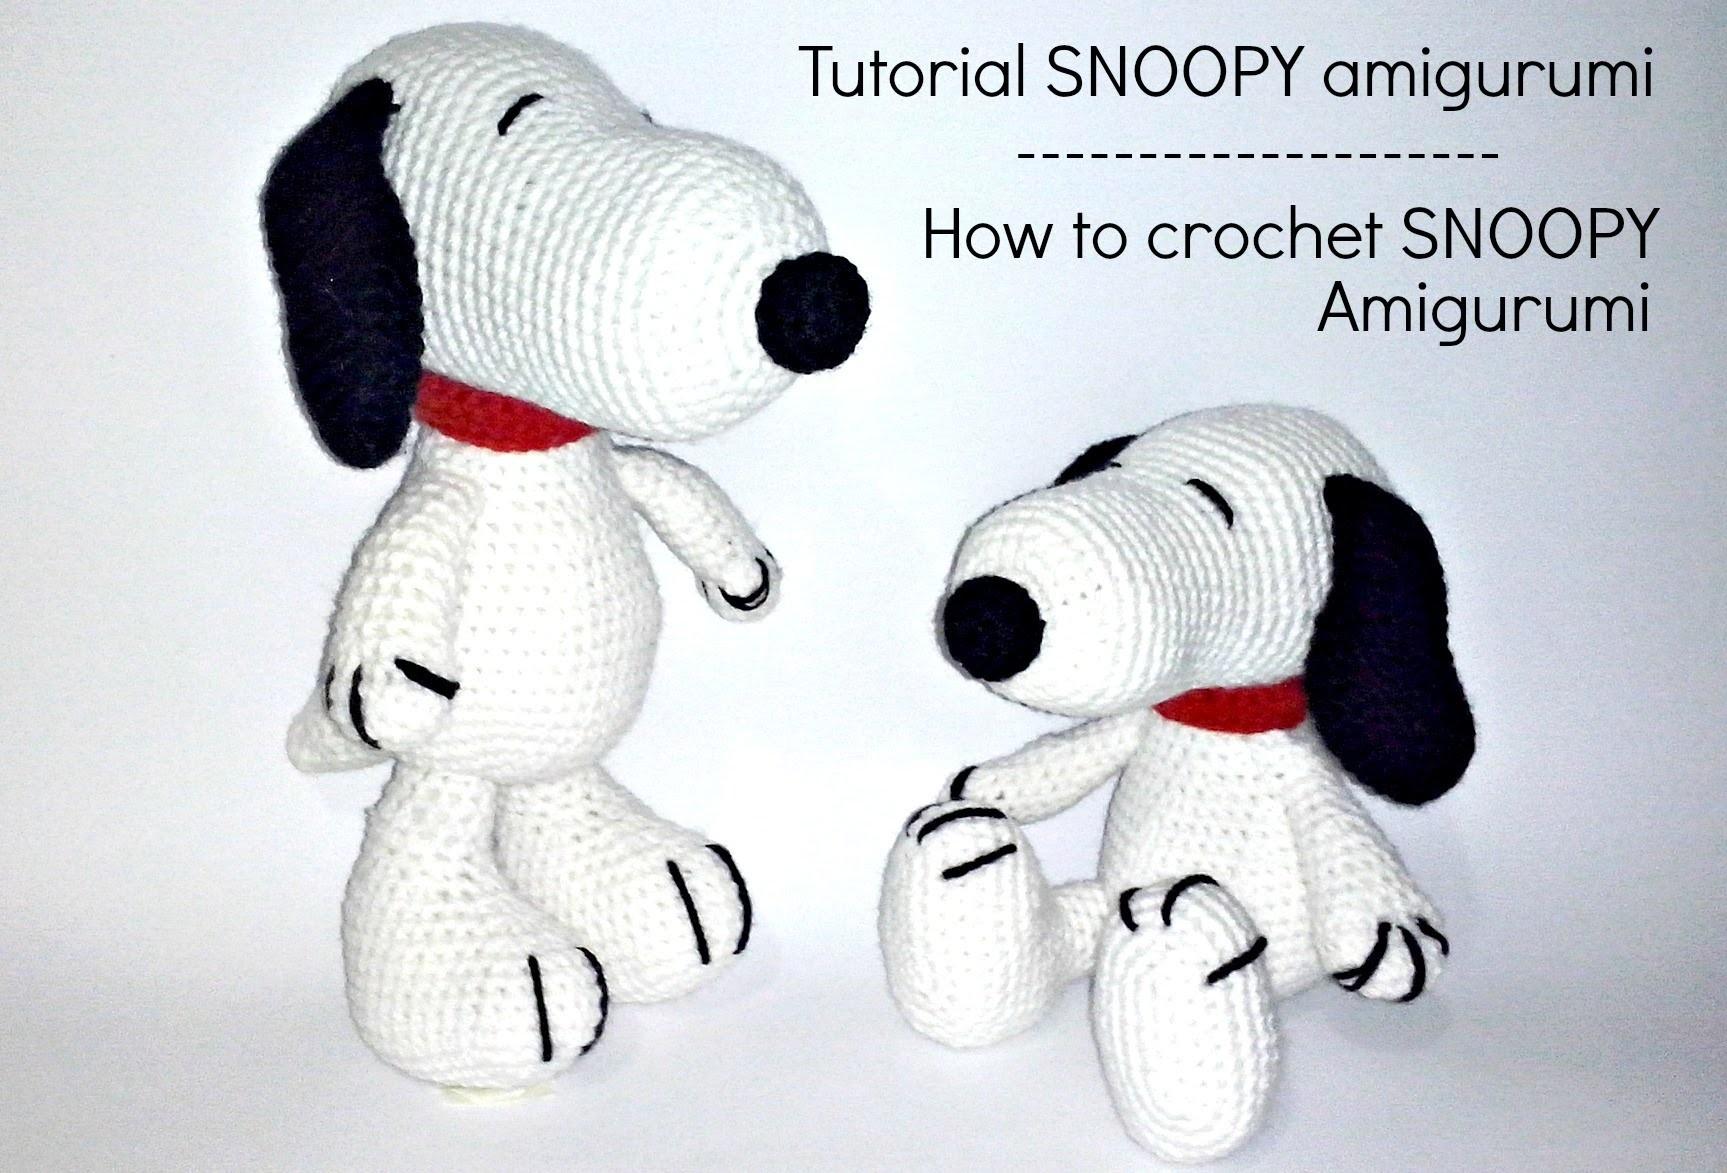 Amigurumi Tutorial Snoopy : Tutorial snoopy amigurumi how to crochet